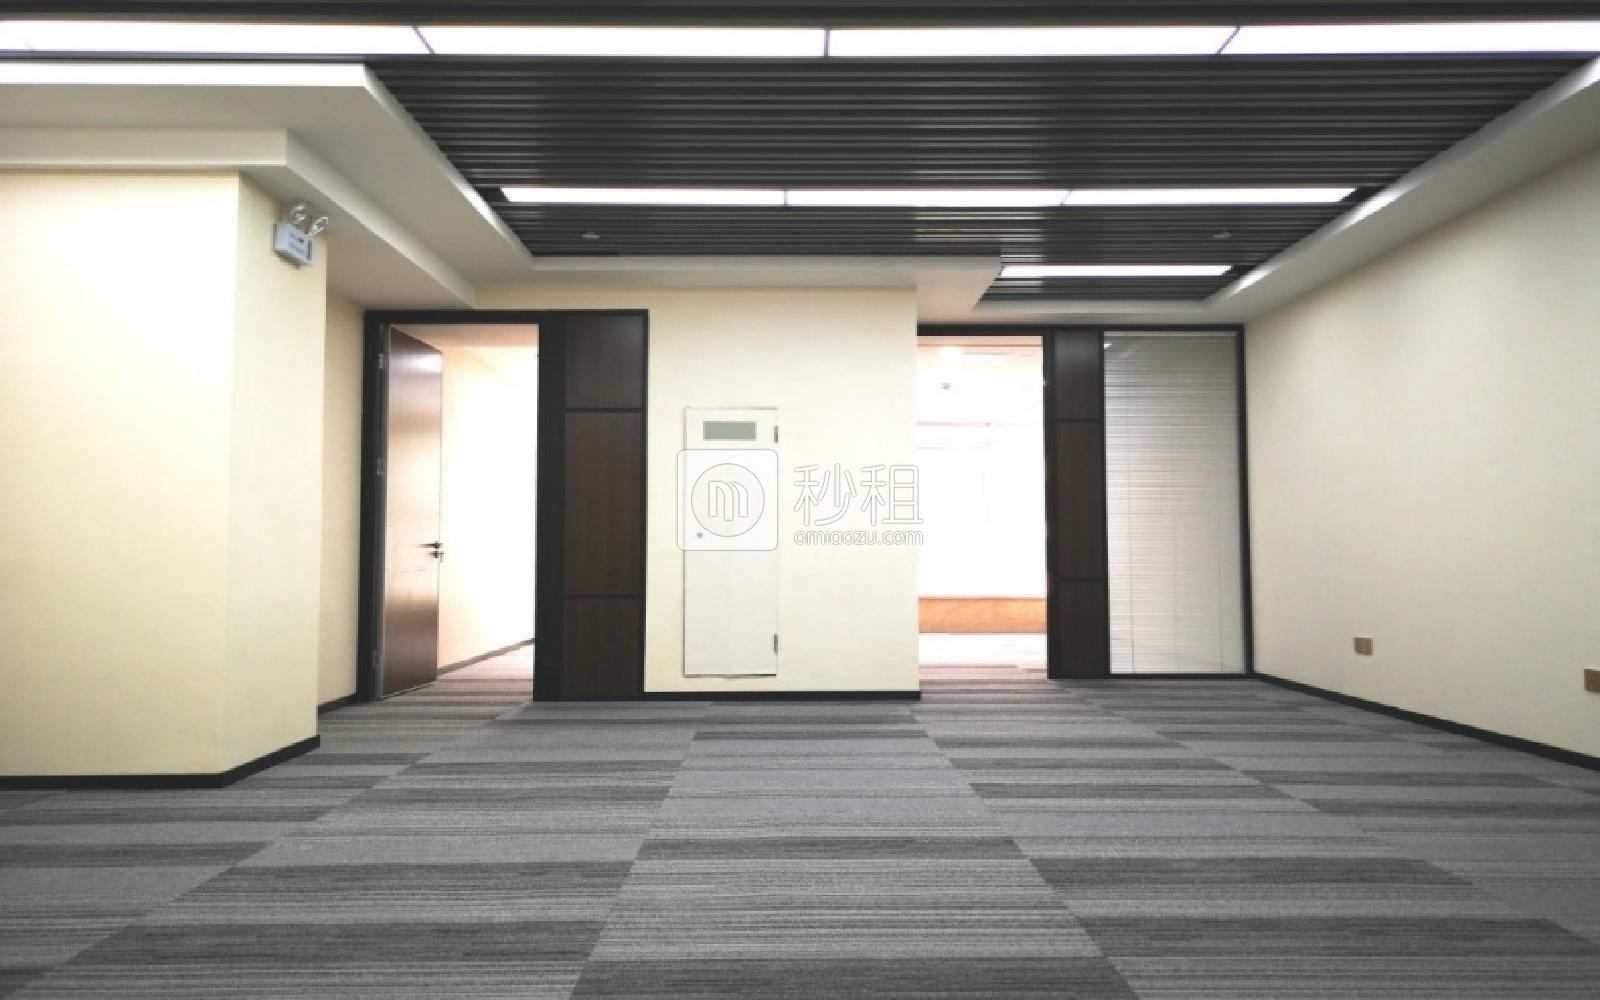 南山-科技园 德维森大厦 215m²